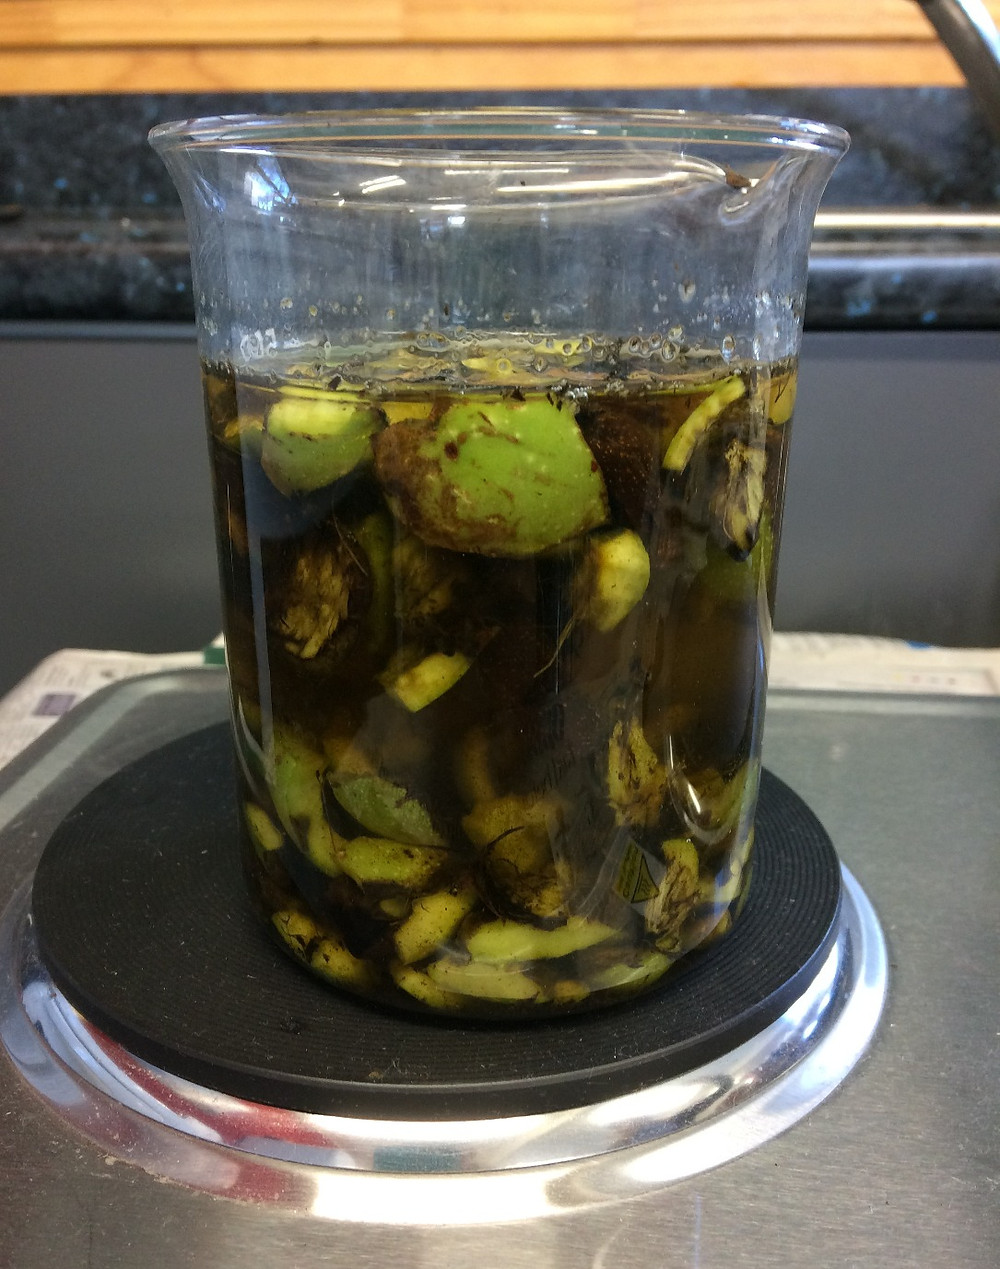 Making walnut ink in a Montessori classroom